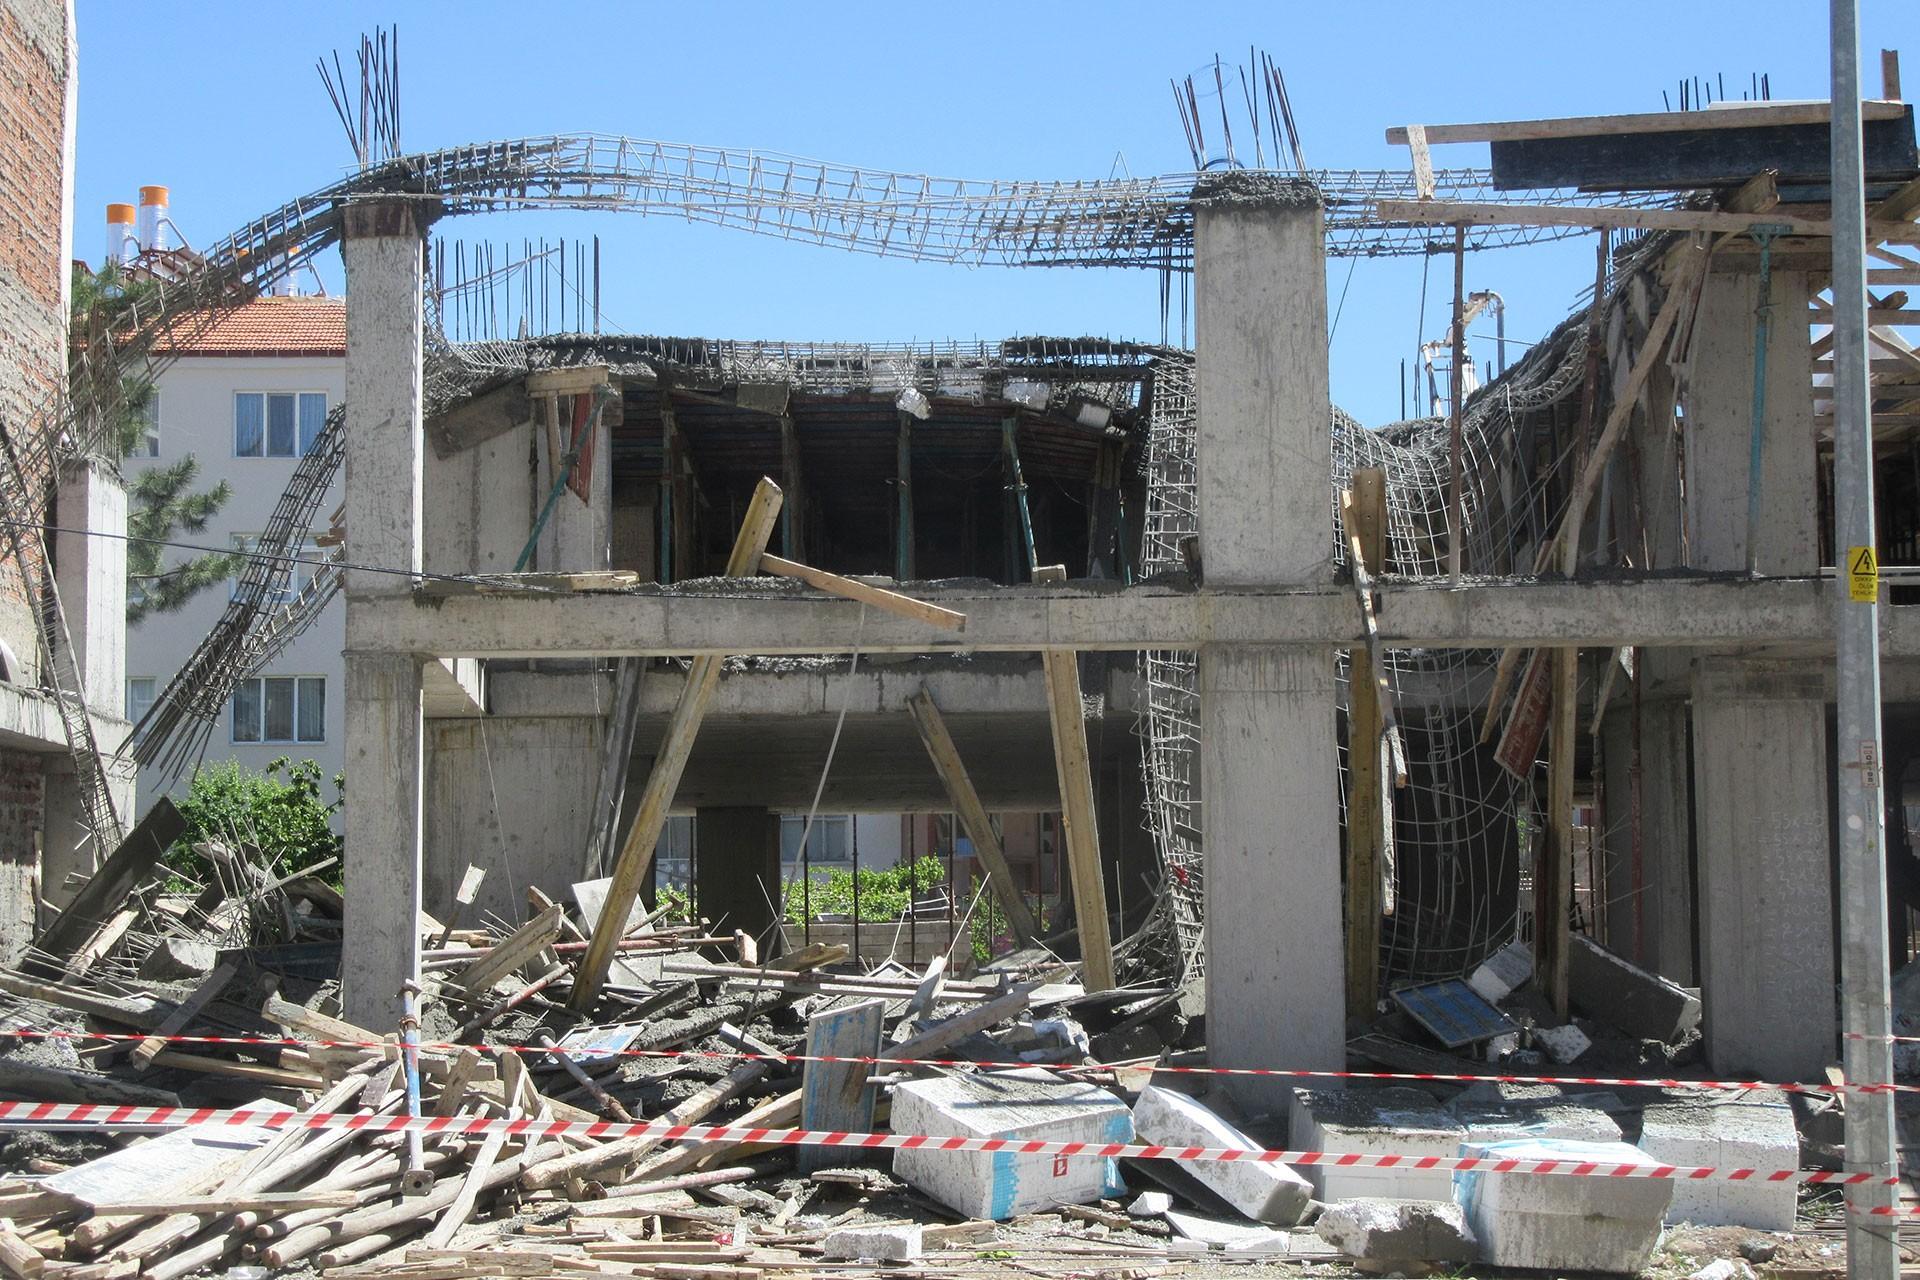 Üst betonu çöken inşaat